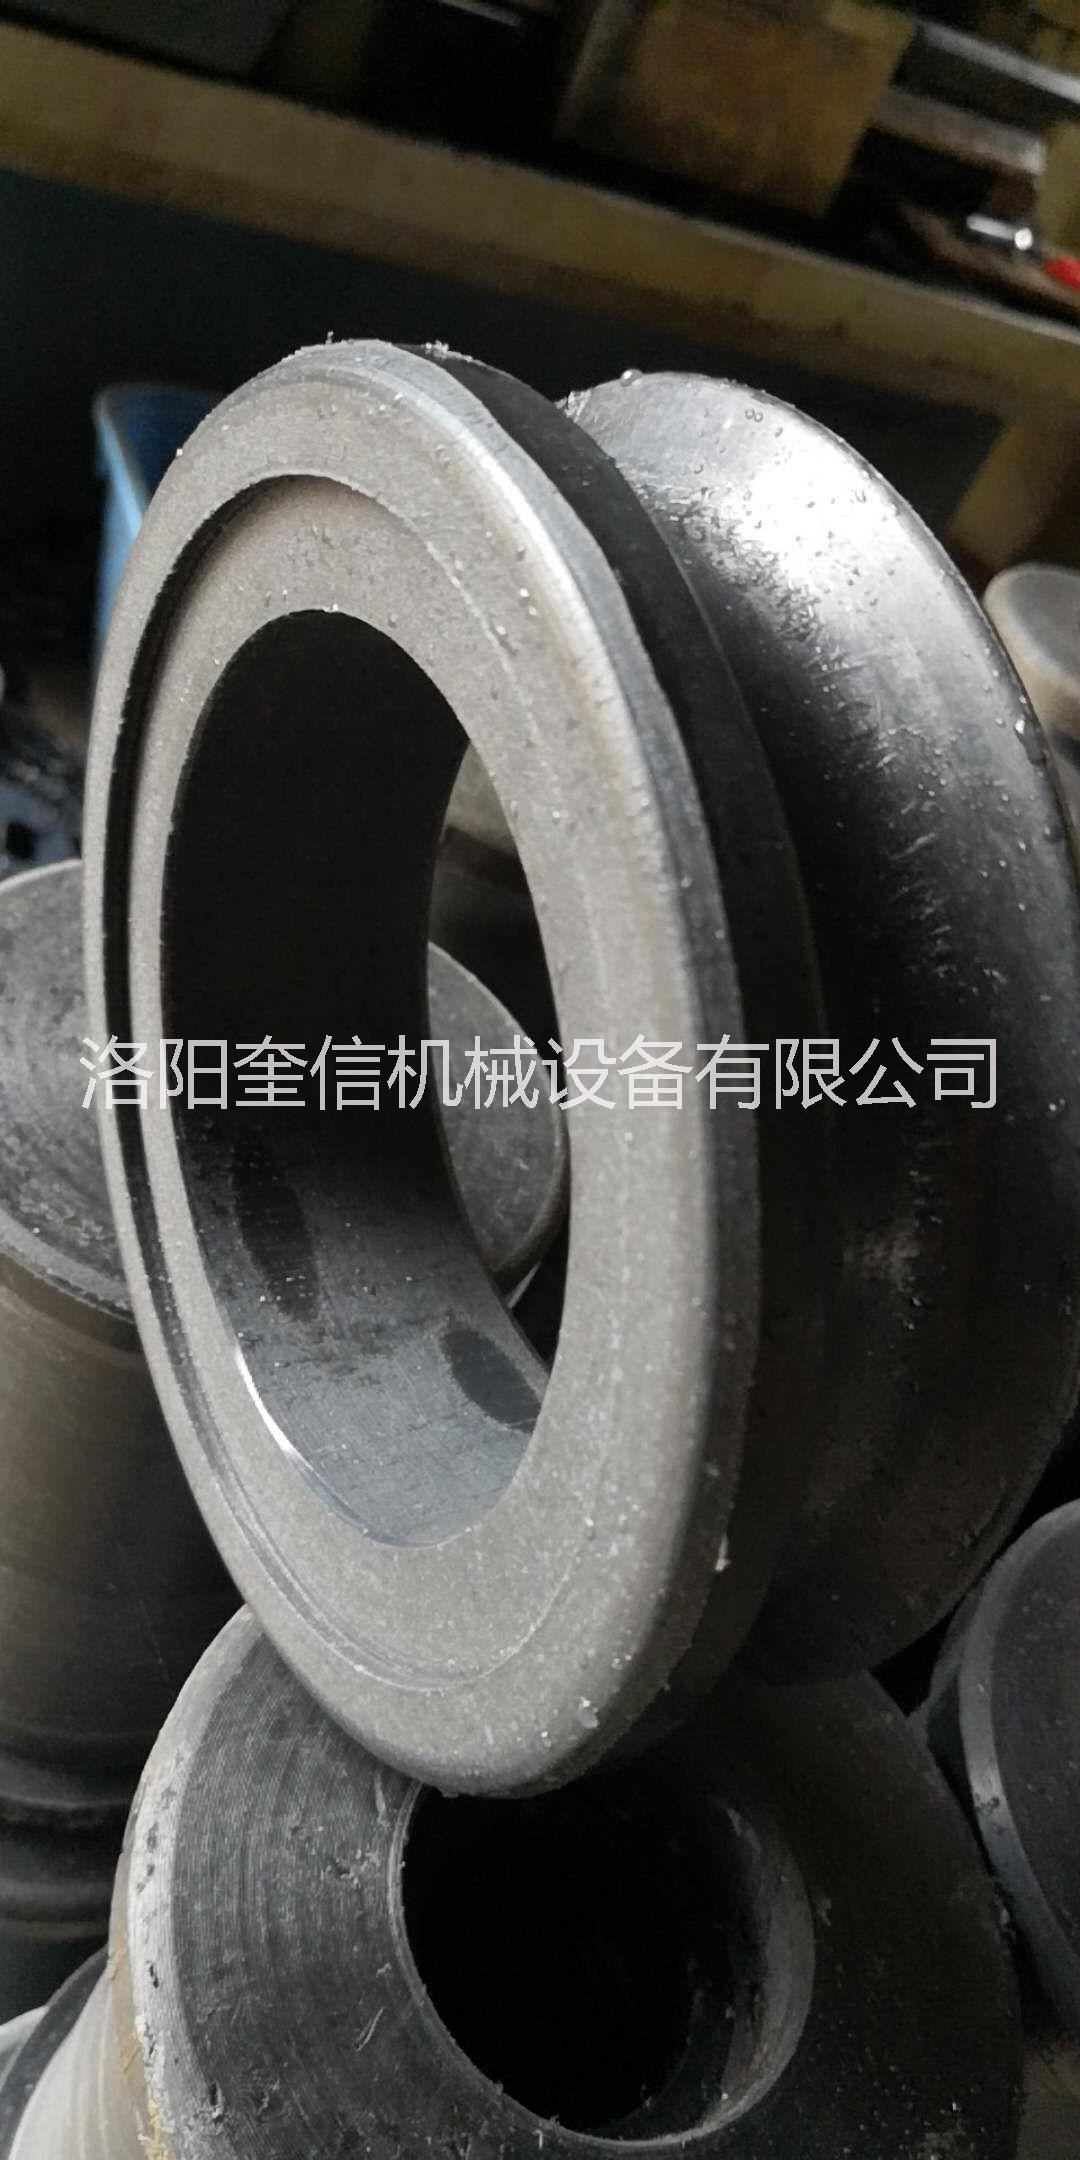 矿用猴车轮衬200型 工程塑料  高硬度 耐磨性好   猴车配件